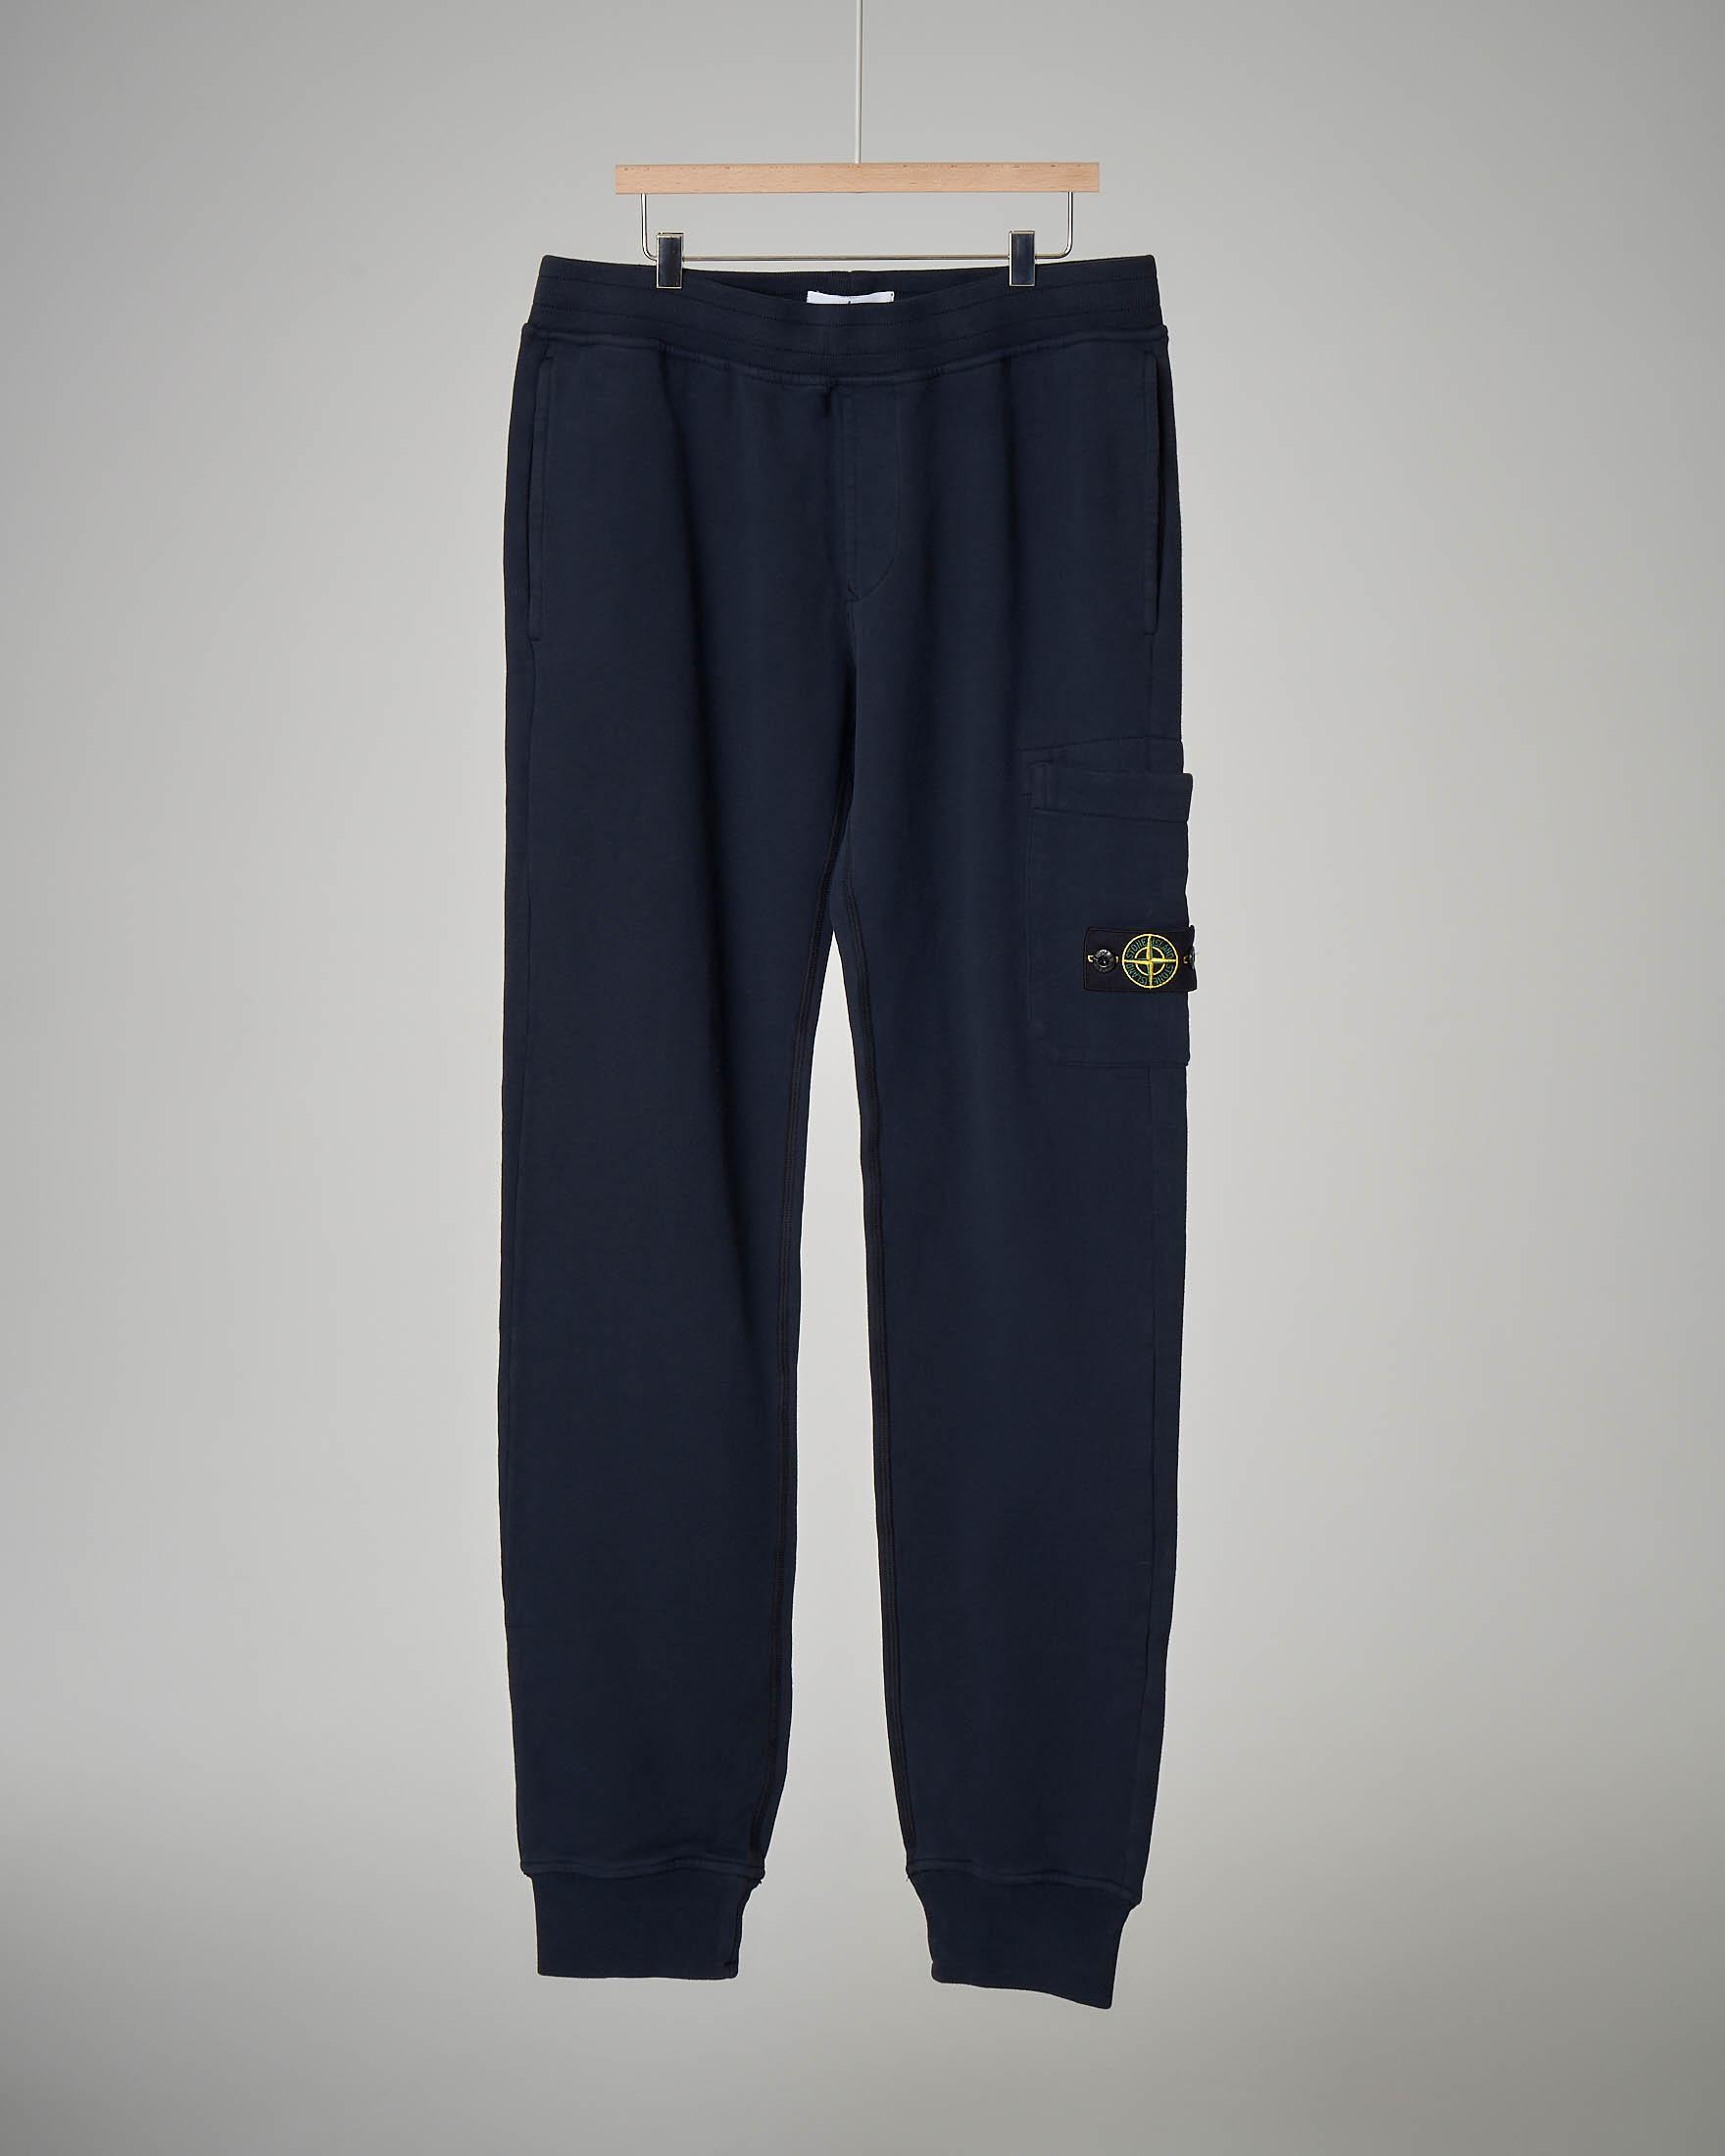 Pantalone in felpa blu 8 anni